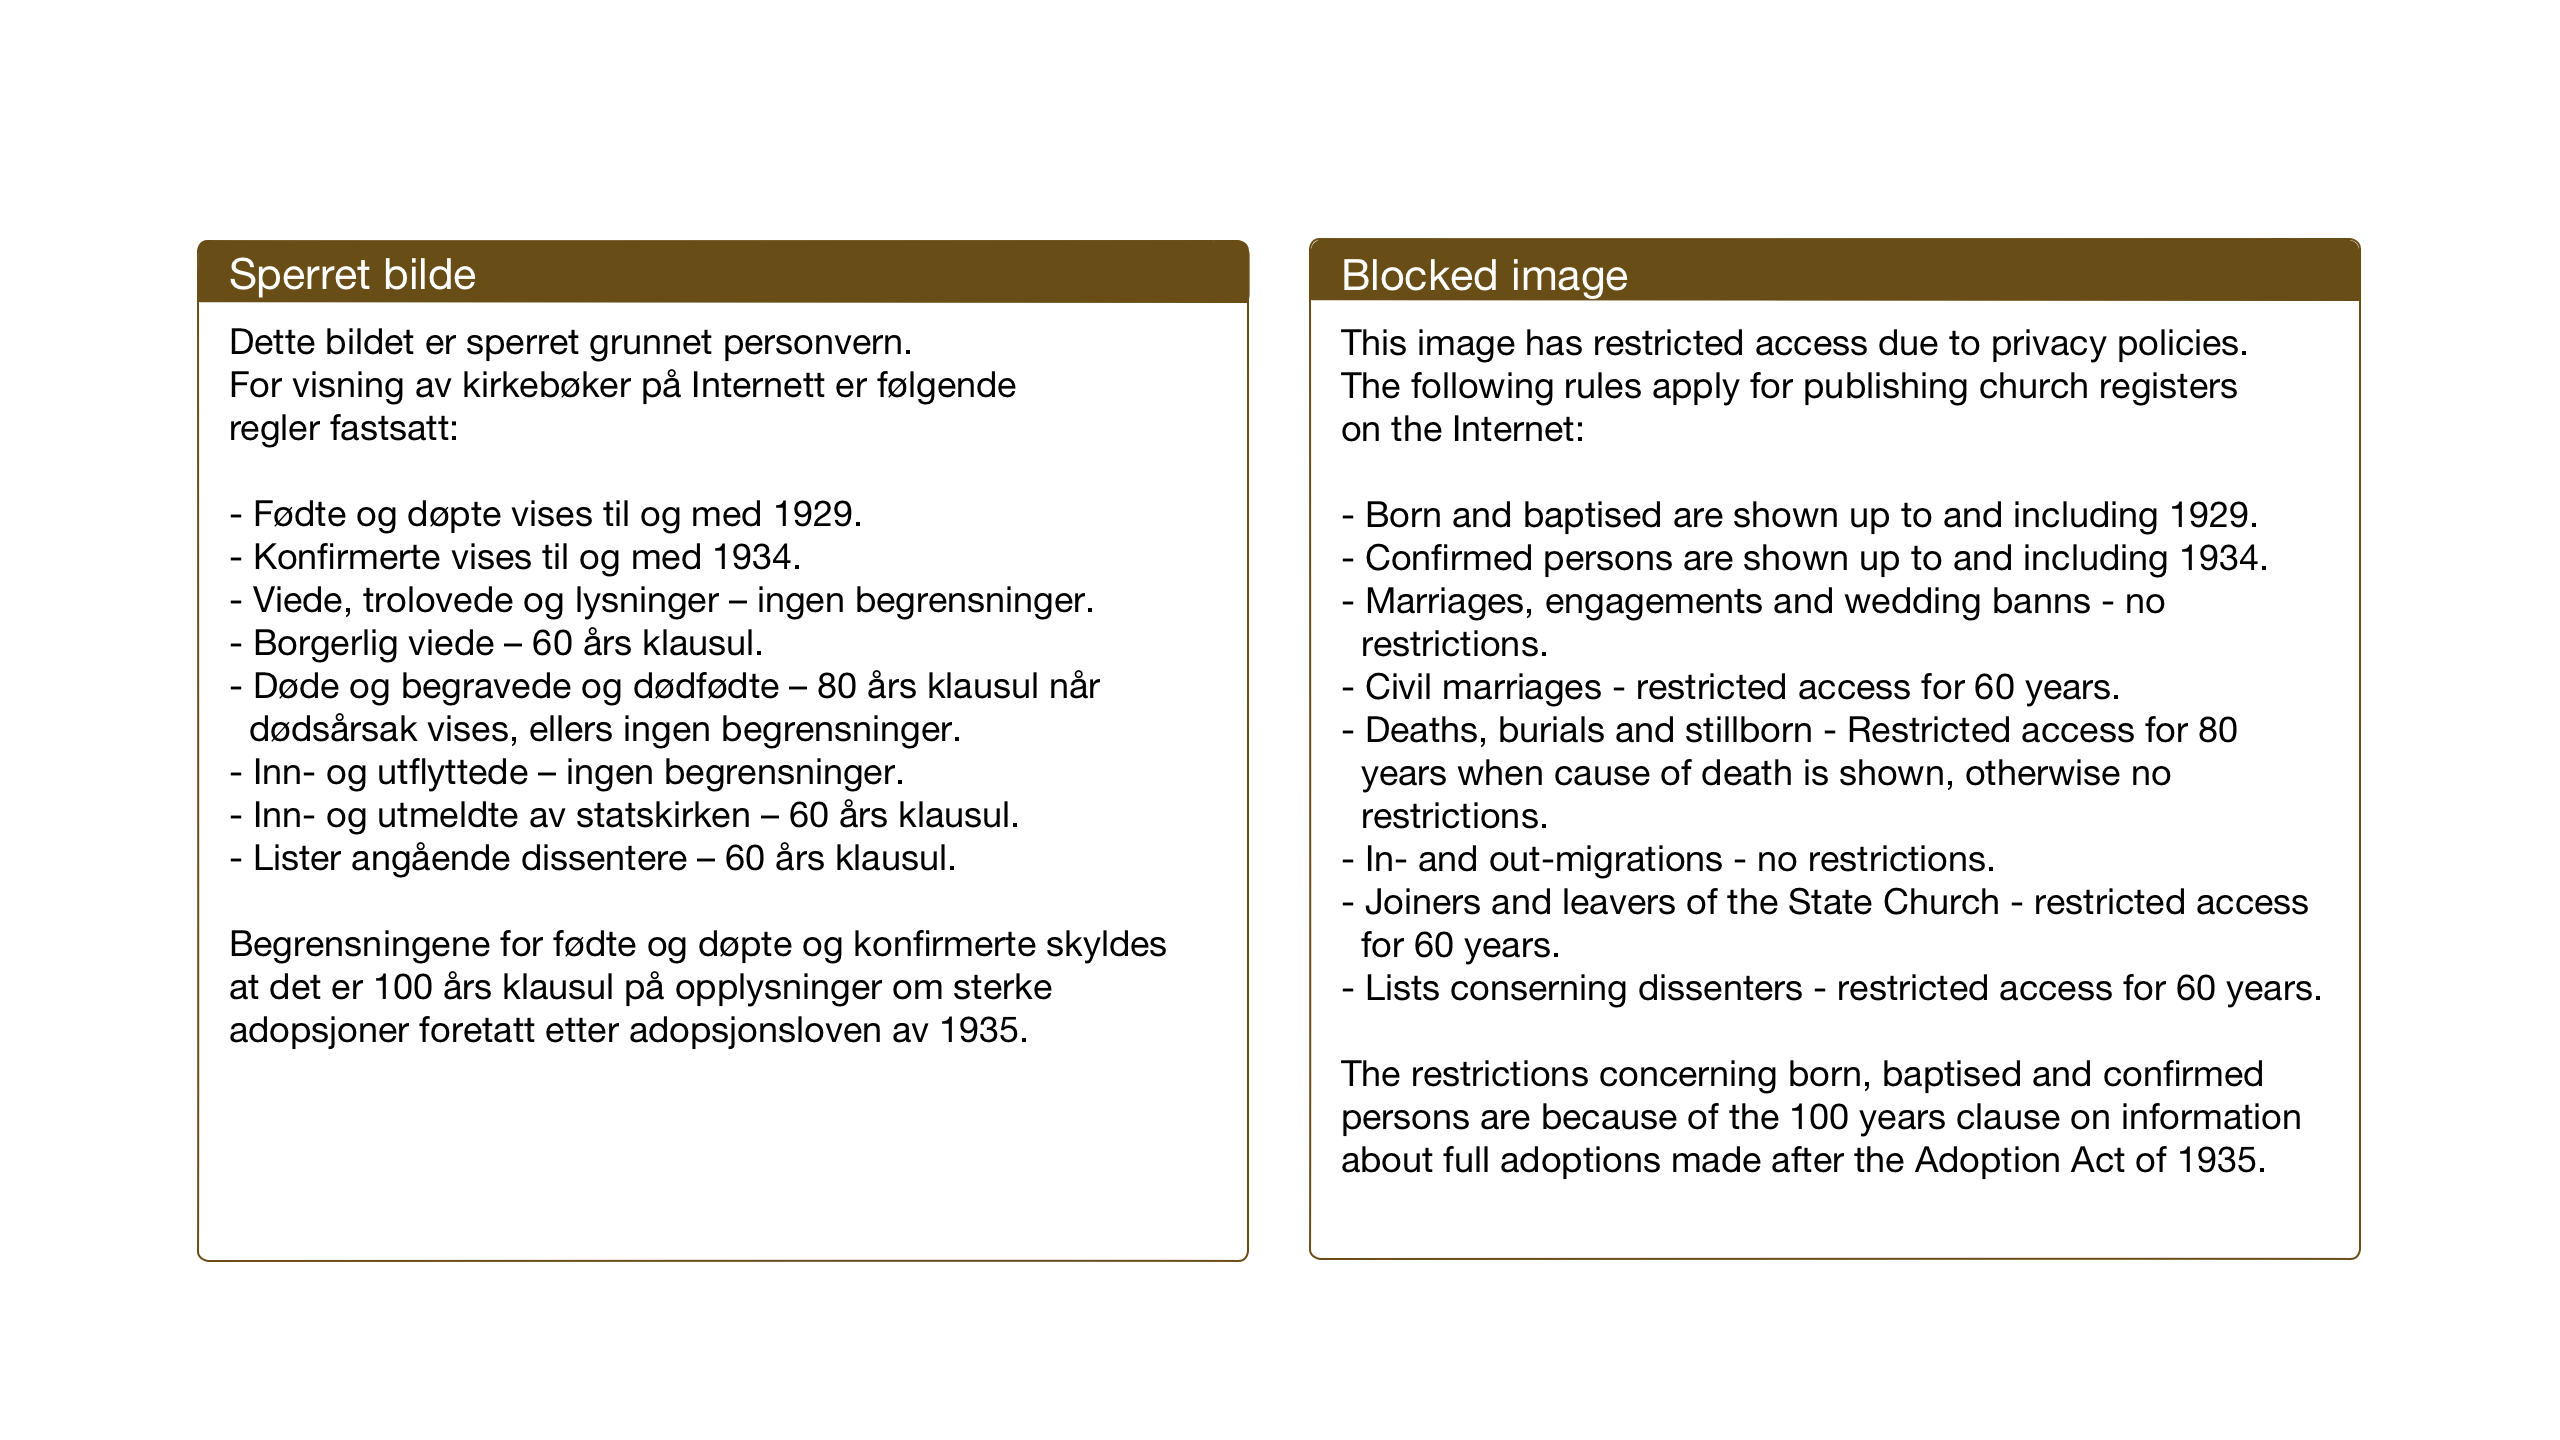 SAT, Ministerialprotokoller, klokkerbøker og fødselsregistre - Sør-Trøndelag, 603/L0177: Klokkerbok nr. 603C05, 1941-1952, s. 235